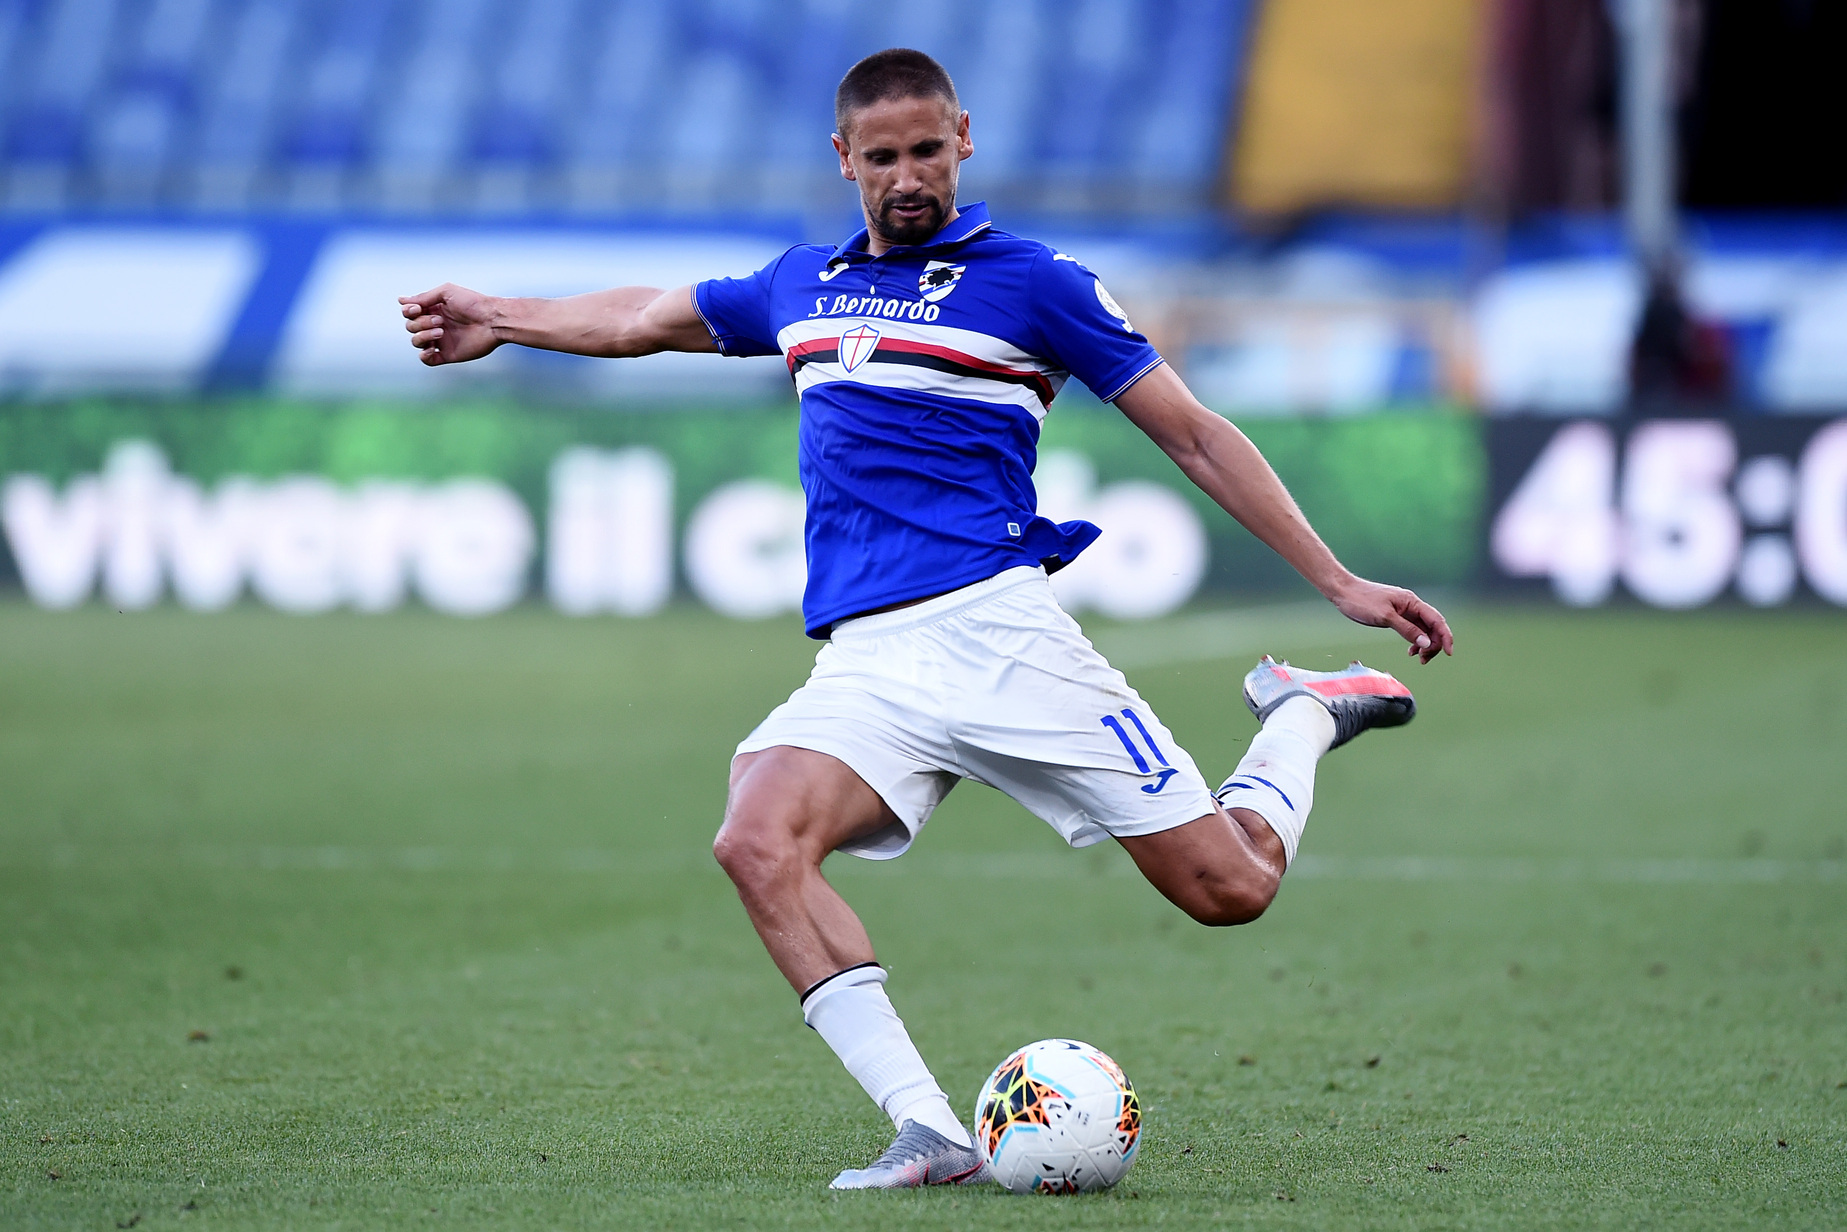 Ramirez giocatore della Sampdoria